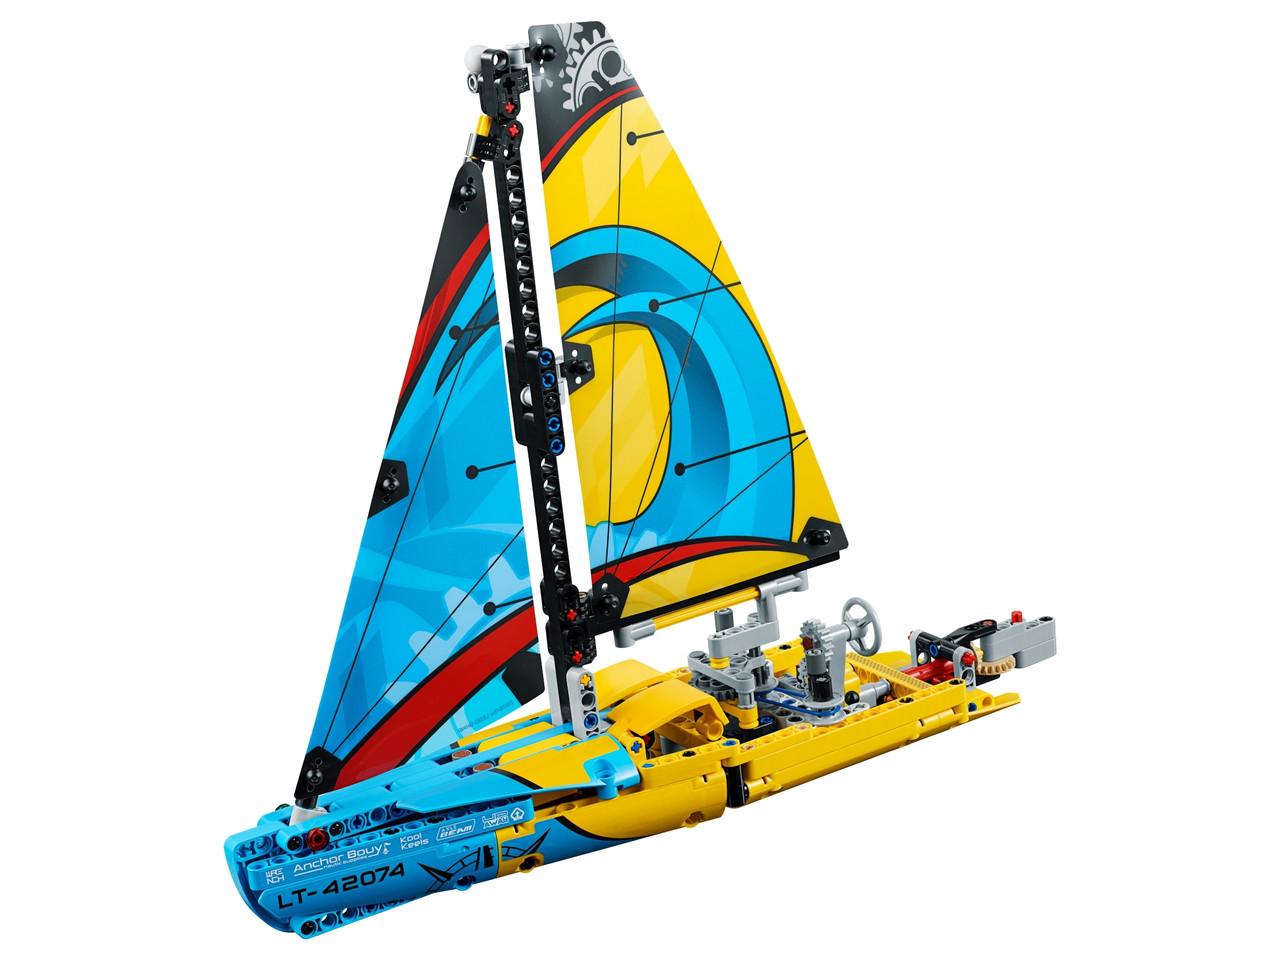 Конструктор LEGO Гоночна яхта 330 деталей (42074)